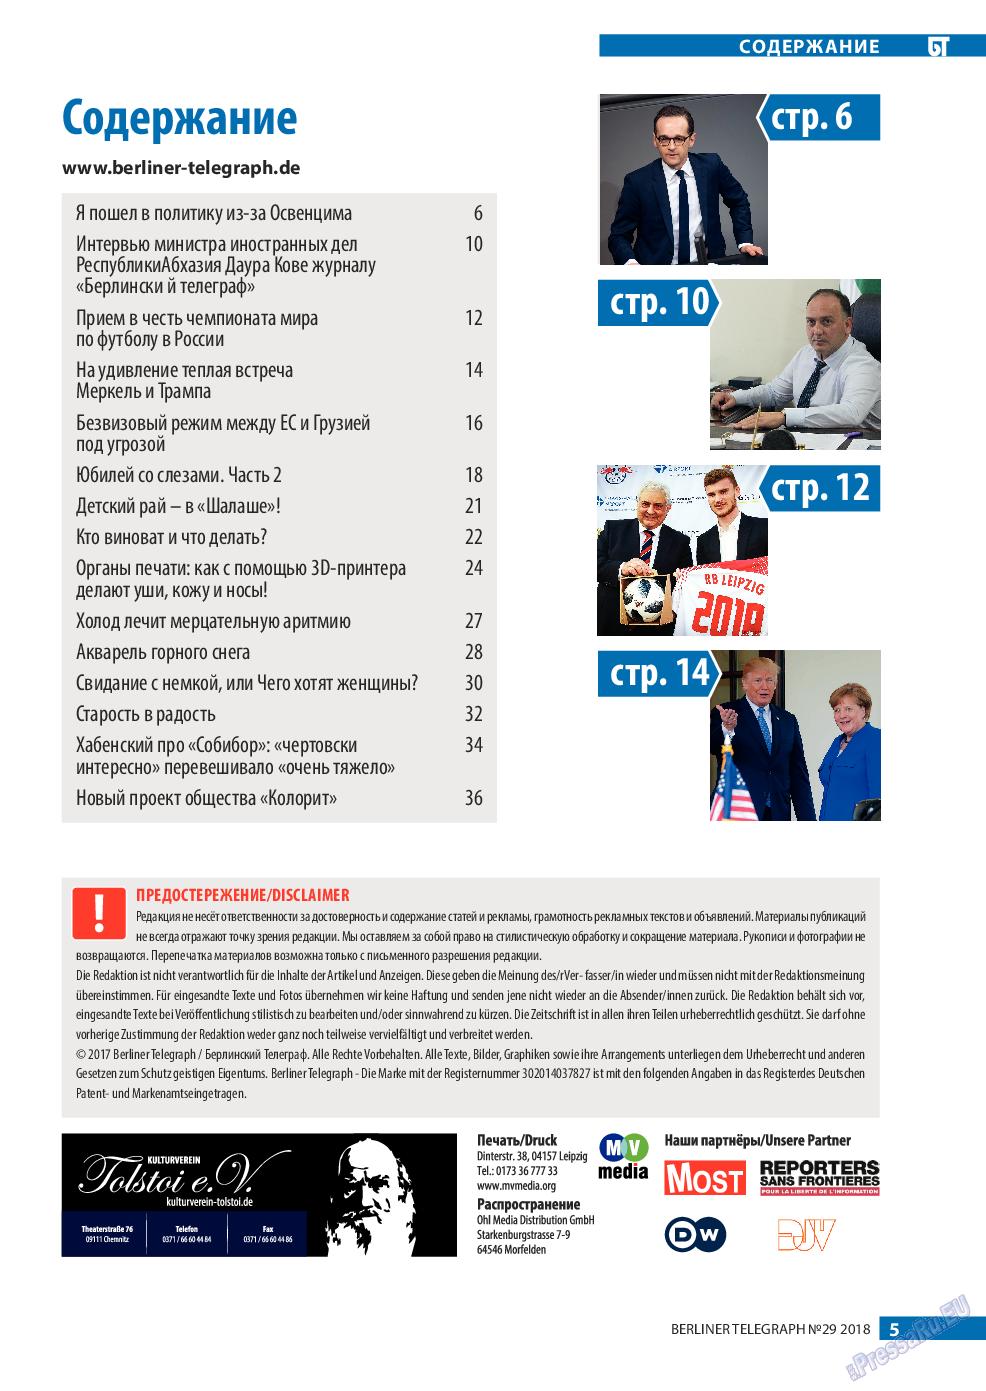 Берлинский телеграф (журнал). 2018 год, номер 29, стр. 5